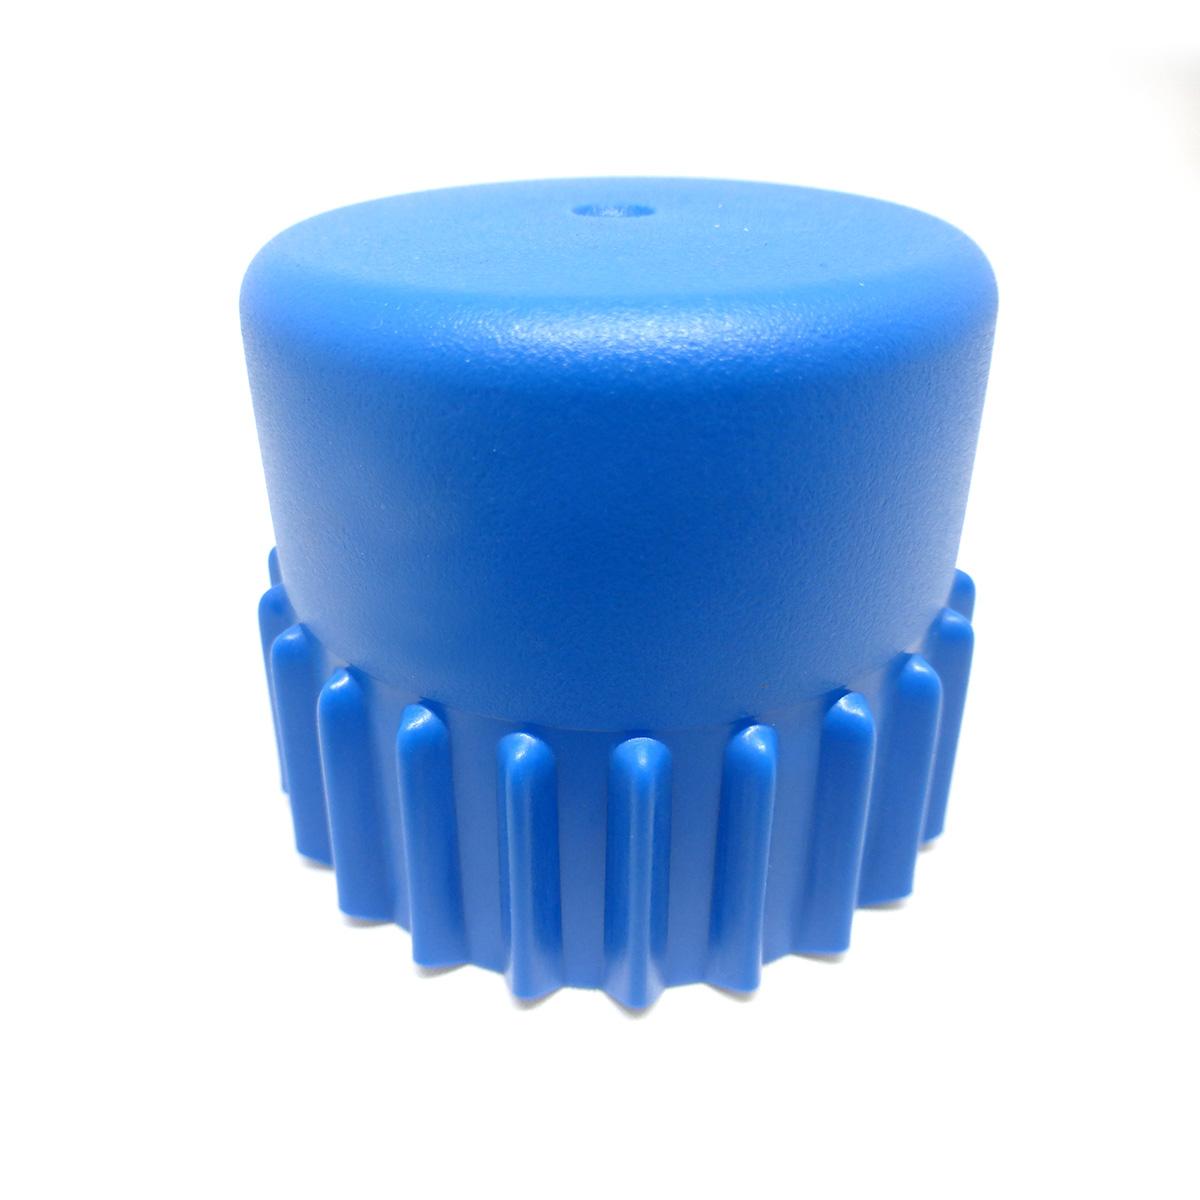 Husqvarna T35 Trimmer Head Bump Knob 537185801